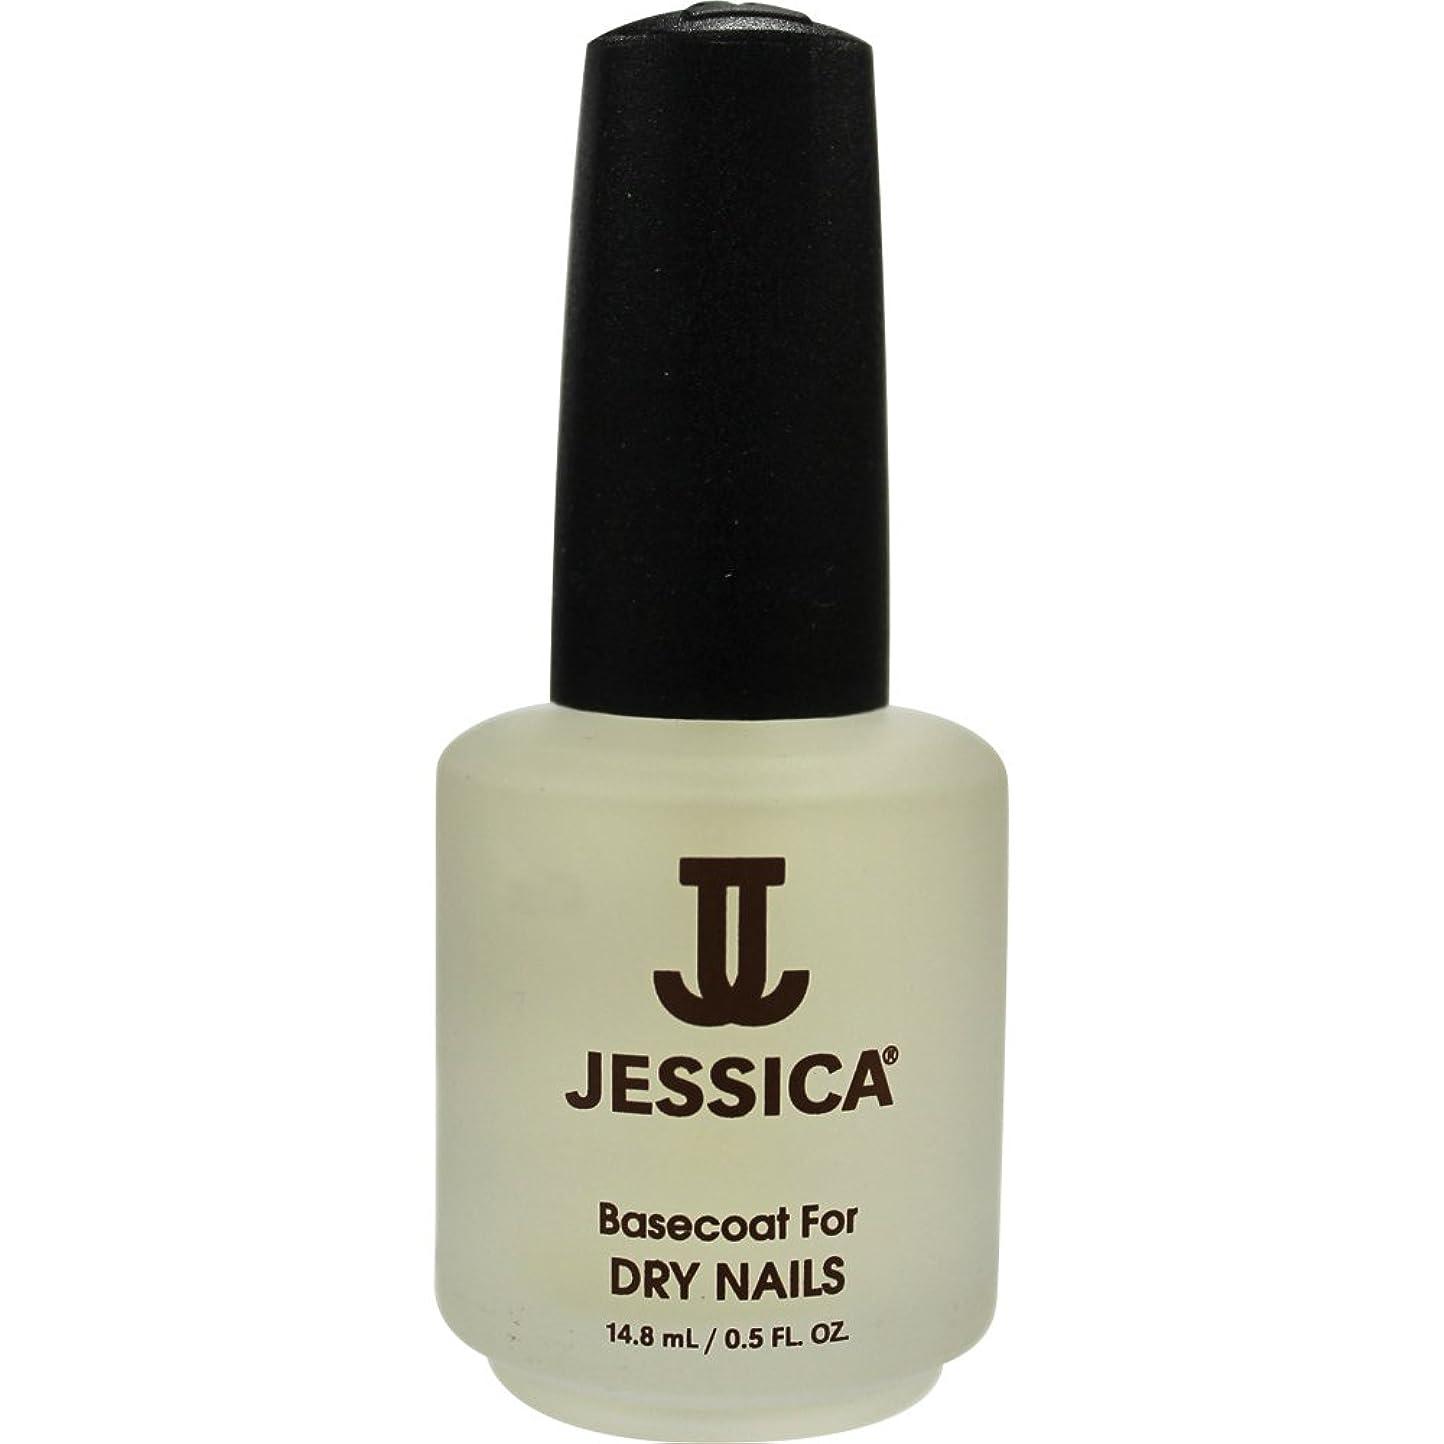 JESSICA ベースコート ドライ 14.8ml ドライネイル用